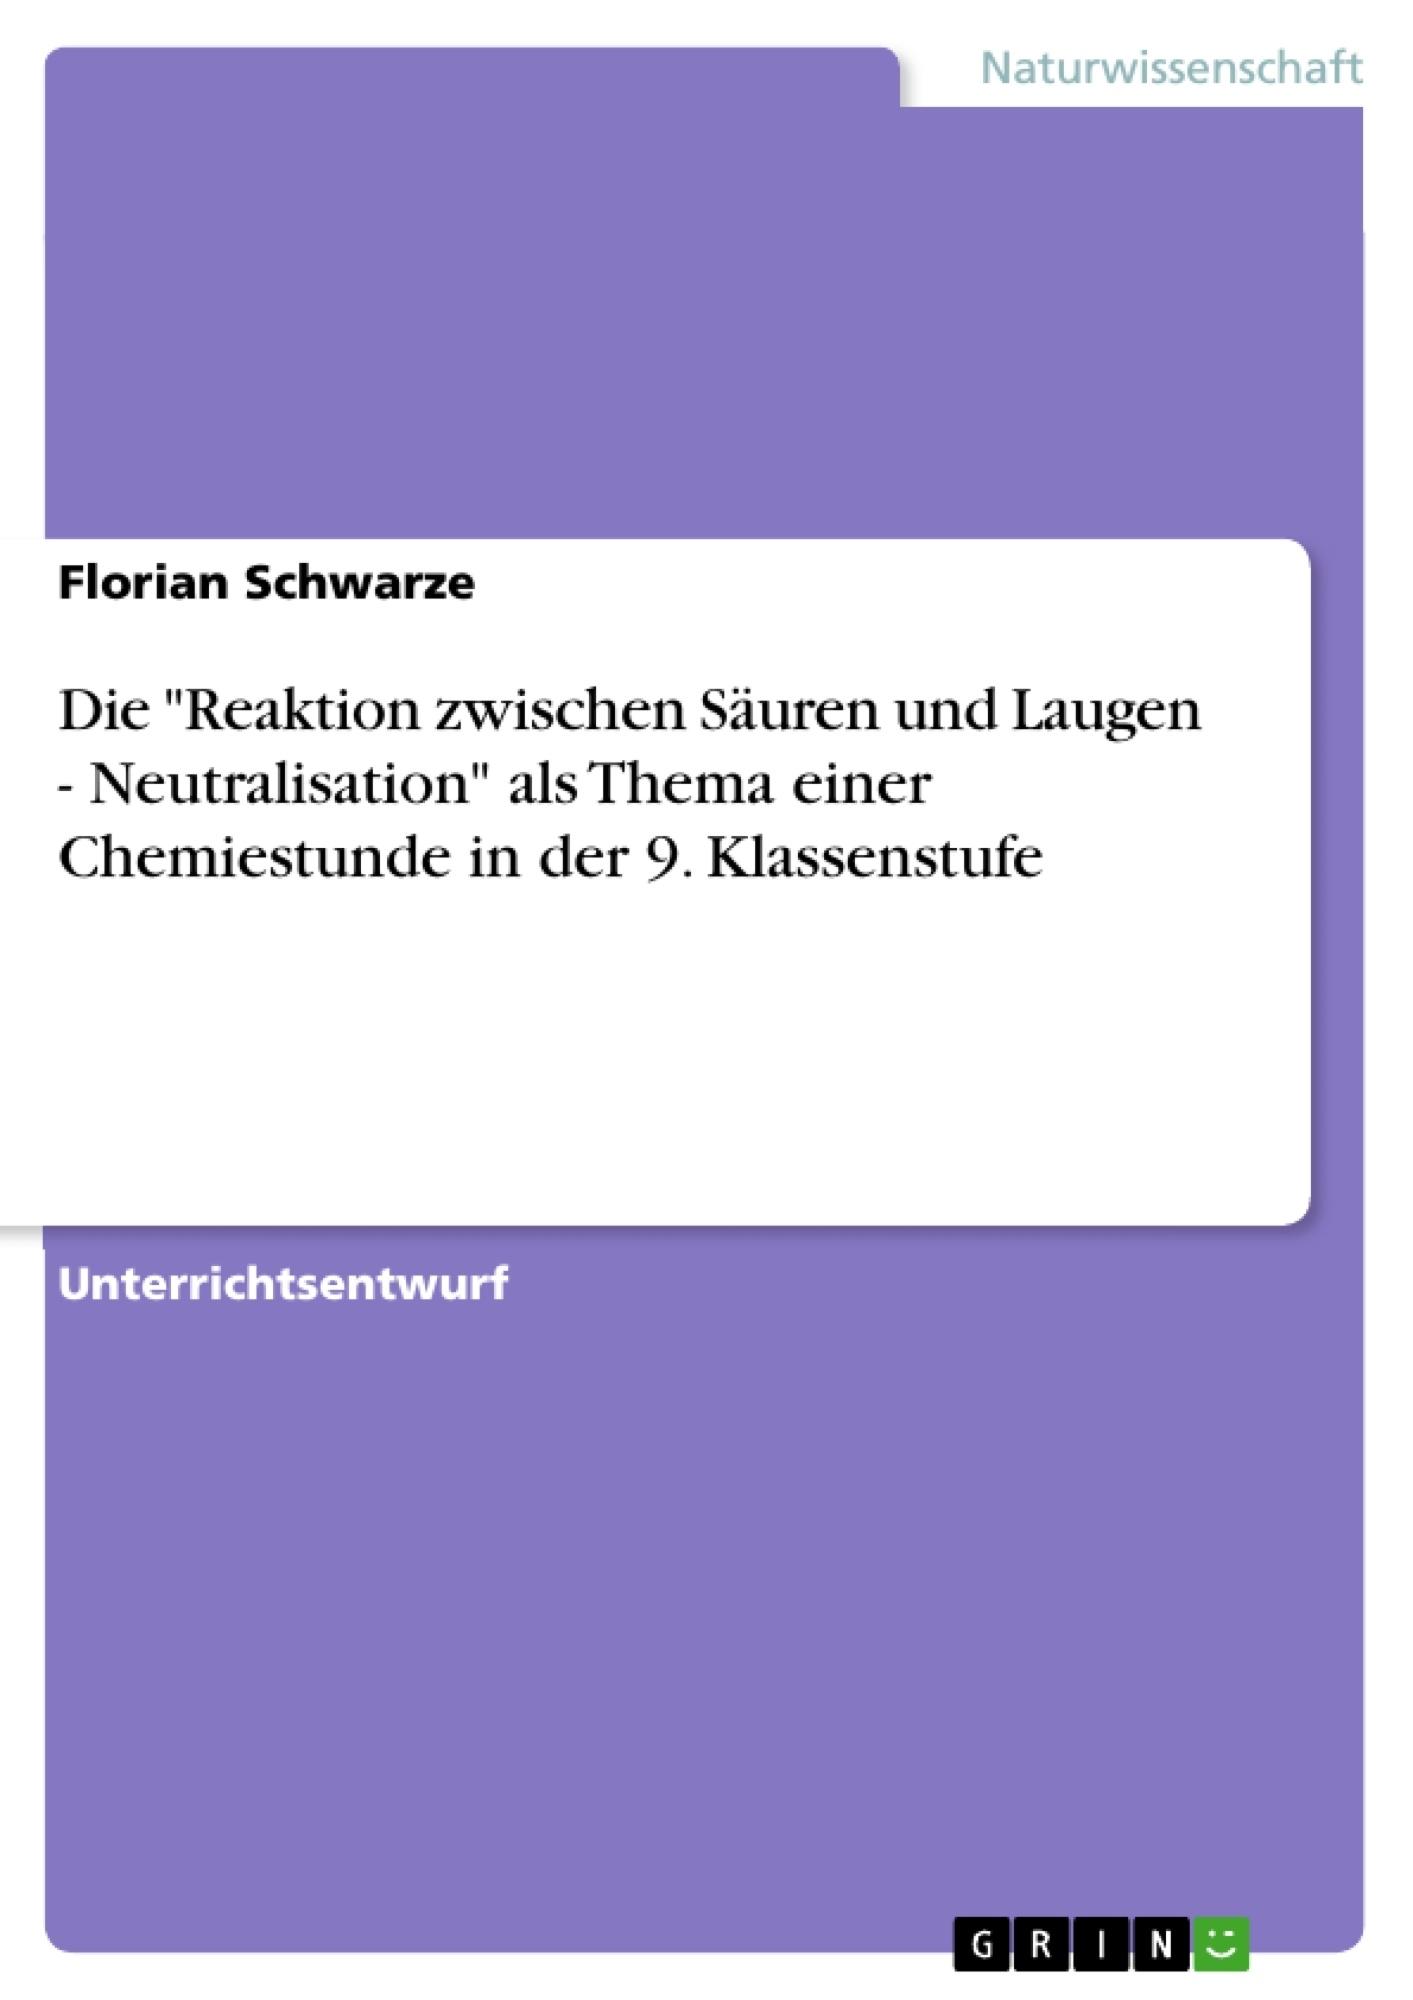 """Titel: Die """"Reaktion zwischen Säuren und Laugen - Neutralisation"""" als Thema einer Chemiestunde in der 9. Klassenstufe"""